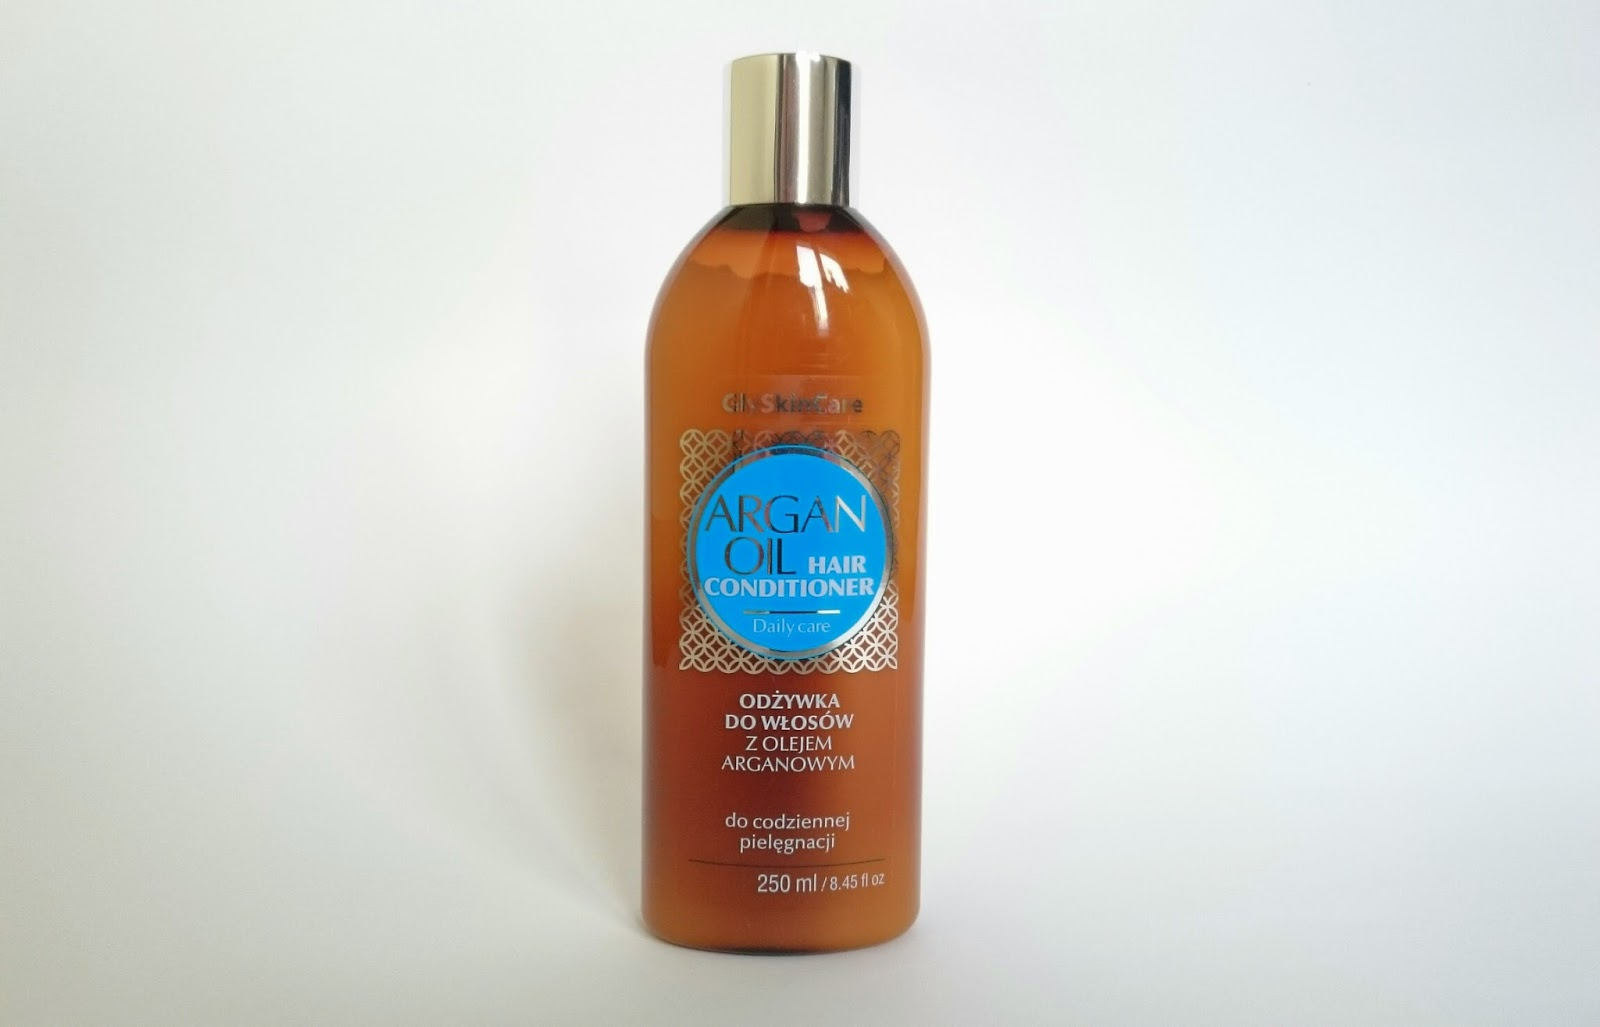 Argan Oil odżywka do włosów